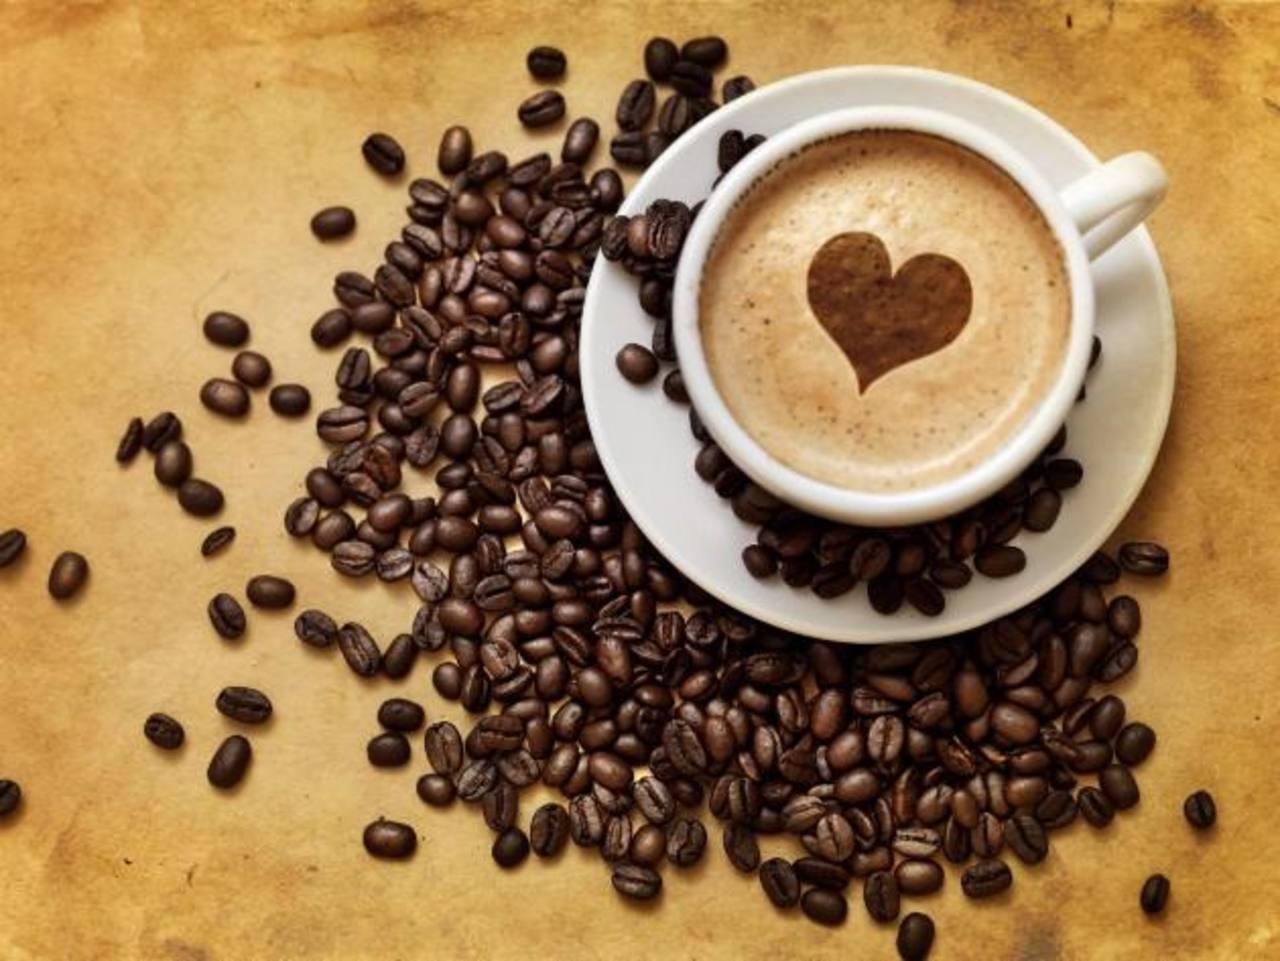 El contenido de antioxidantes del café ejerce un efecto protector frente enfermedades como el párkinson o el alzhéimer.